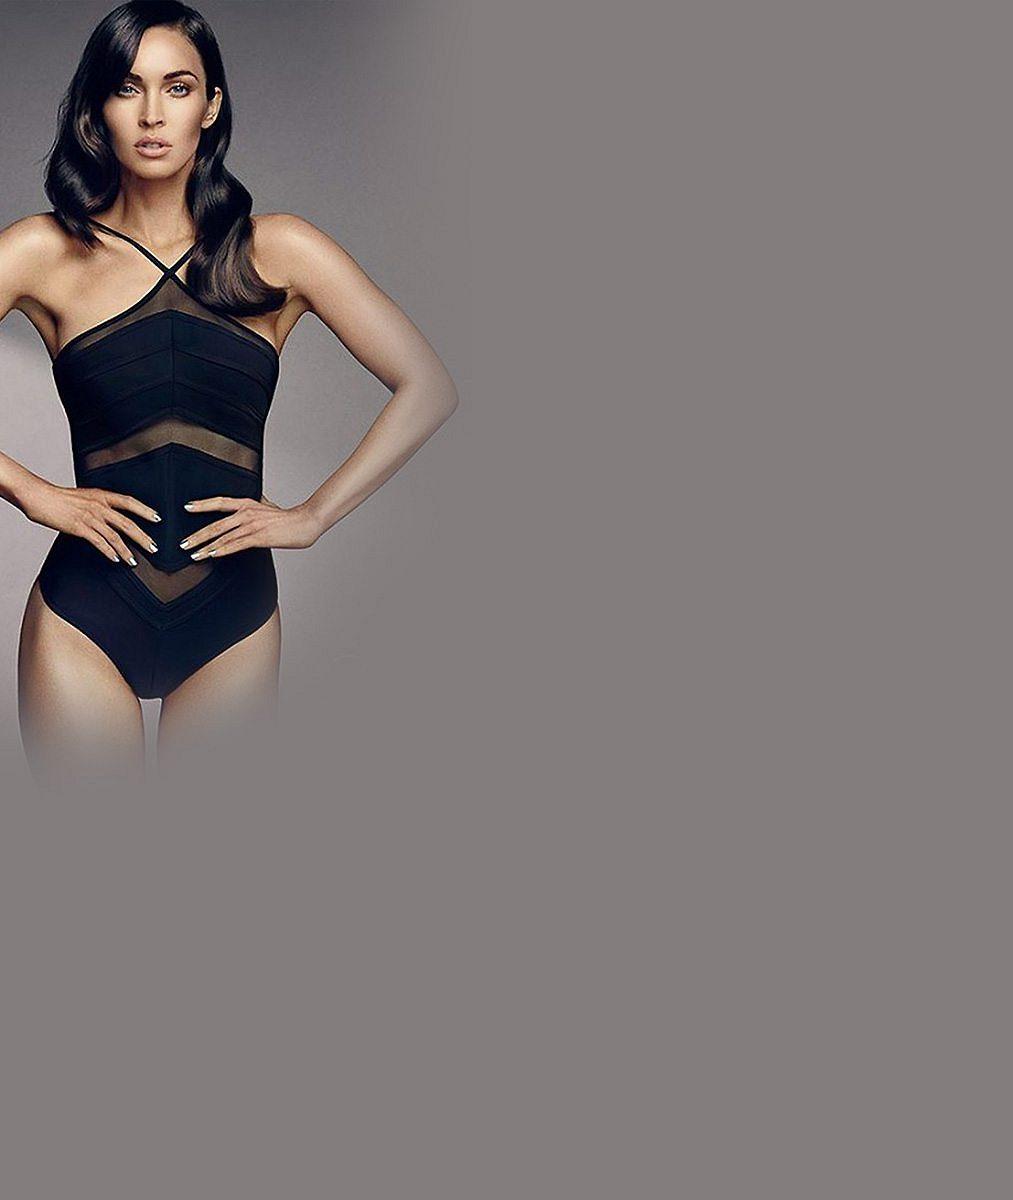 Pořád je to první liga: Dvojnásobná maminka Megan Fox v nové reklamě nemá konkurenci